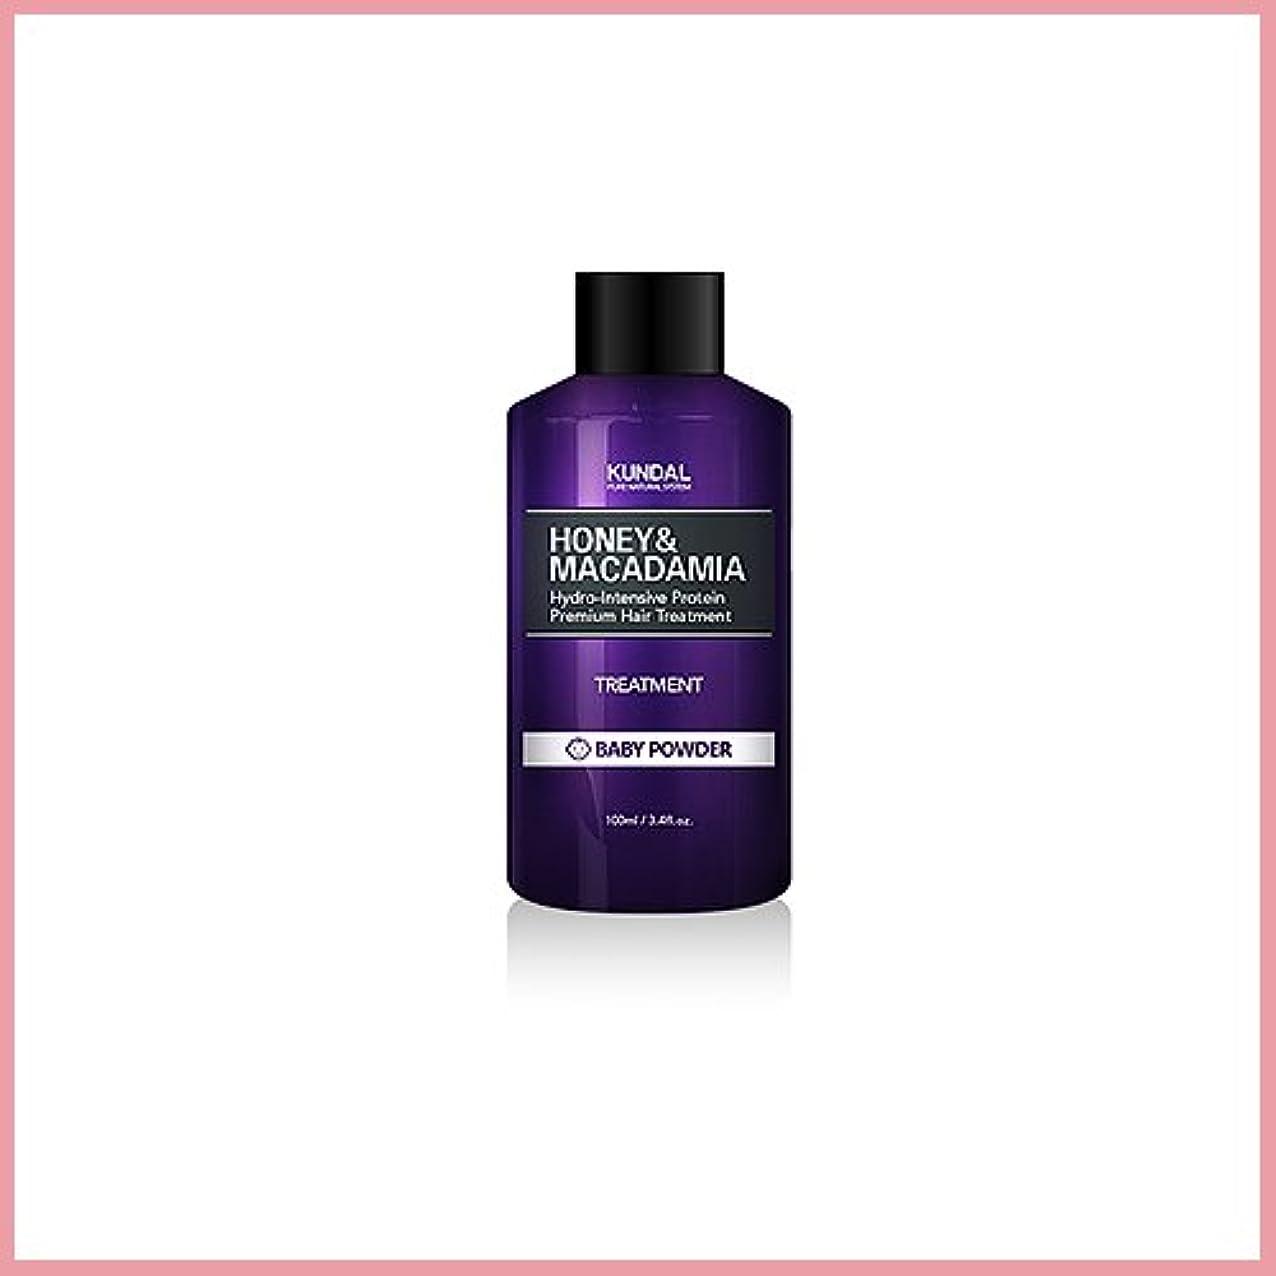 弁護郵便局天窓[KUNDAL/クンダル] Kundal Premium Hair Treatment 100ml [2017年韓国満足度1位][TTBEAUTY][韓国コスメ]